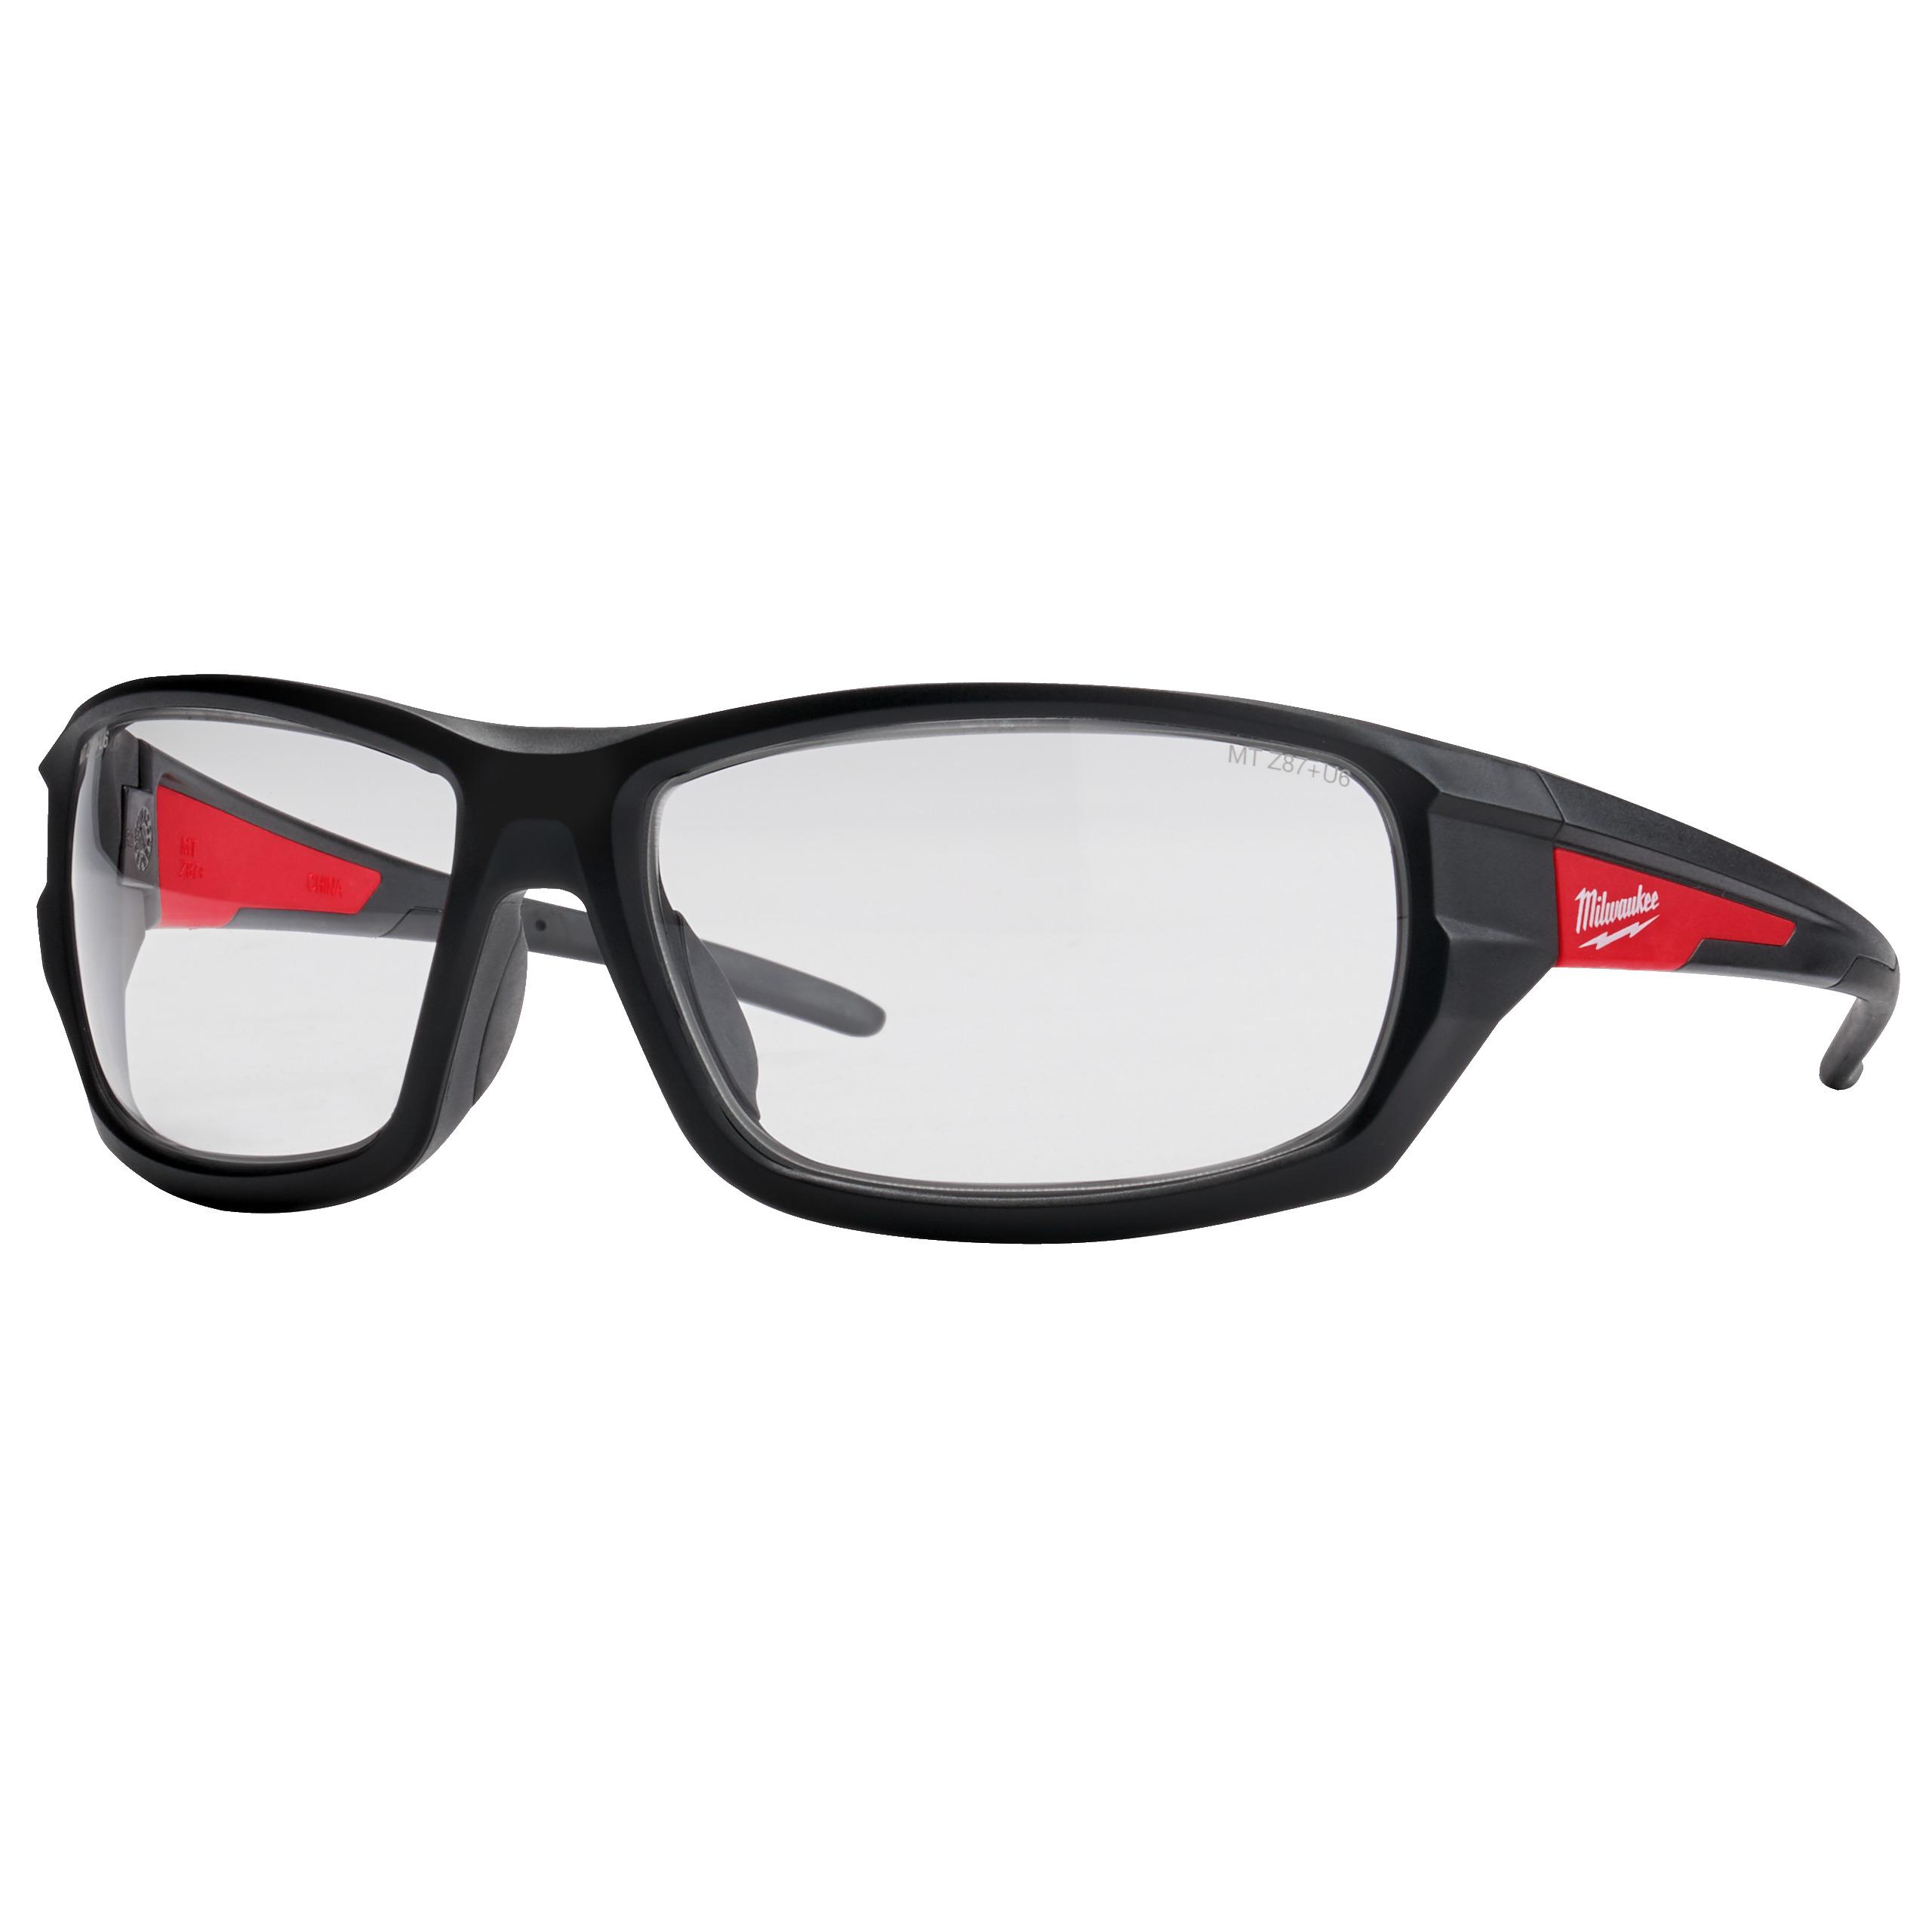 Výkonnostní ochranné brýle čiré - 1ks